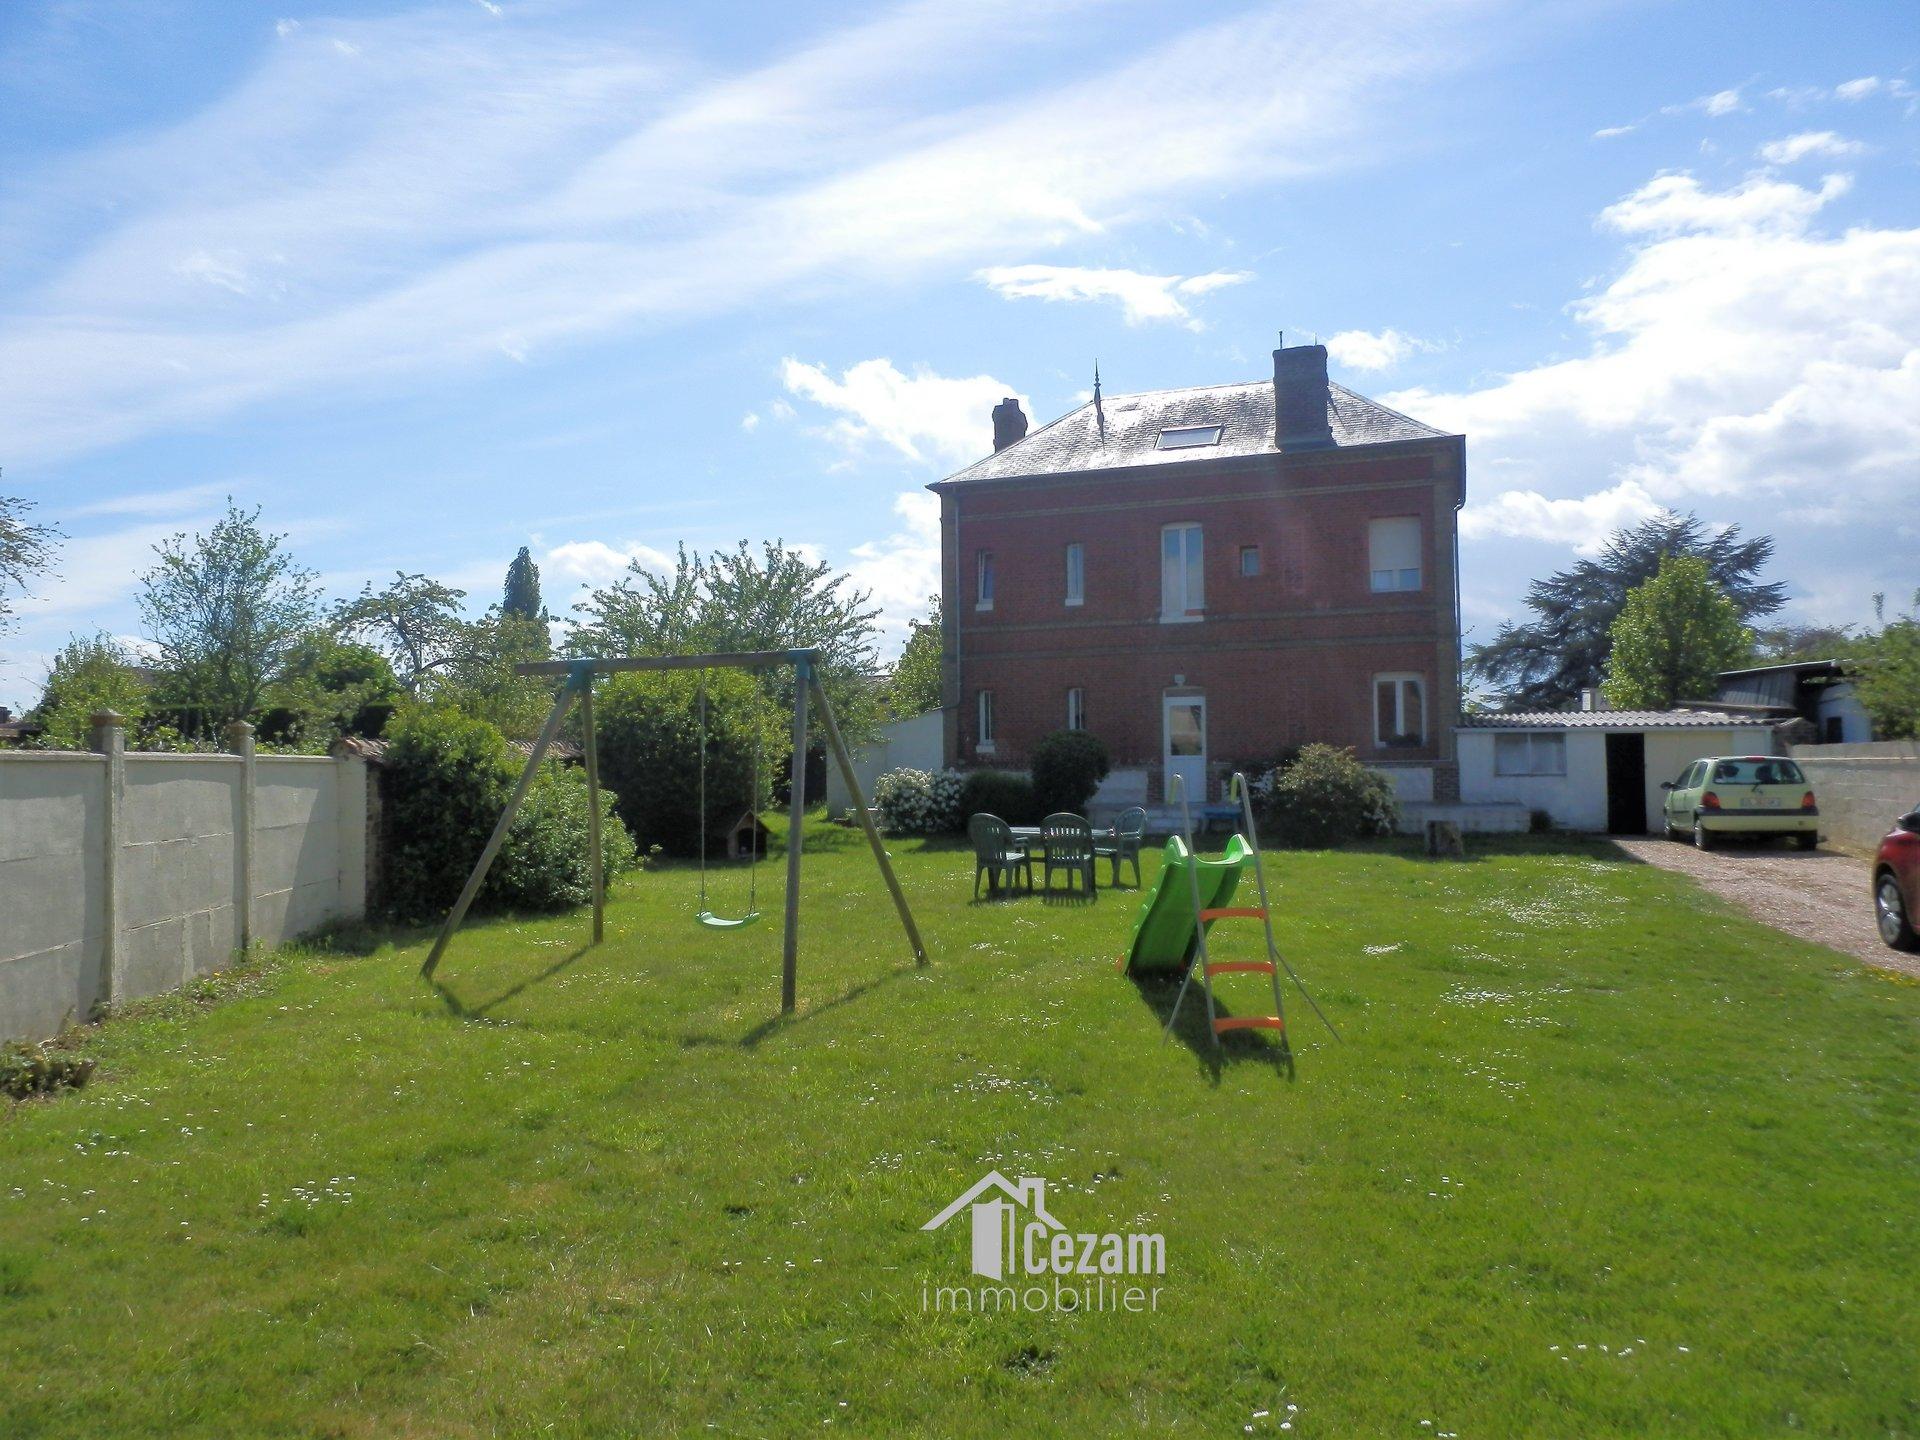 Maison à vendre Heudebouville Centre 27400 - 27600